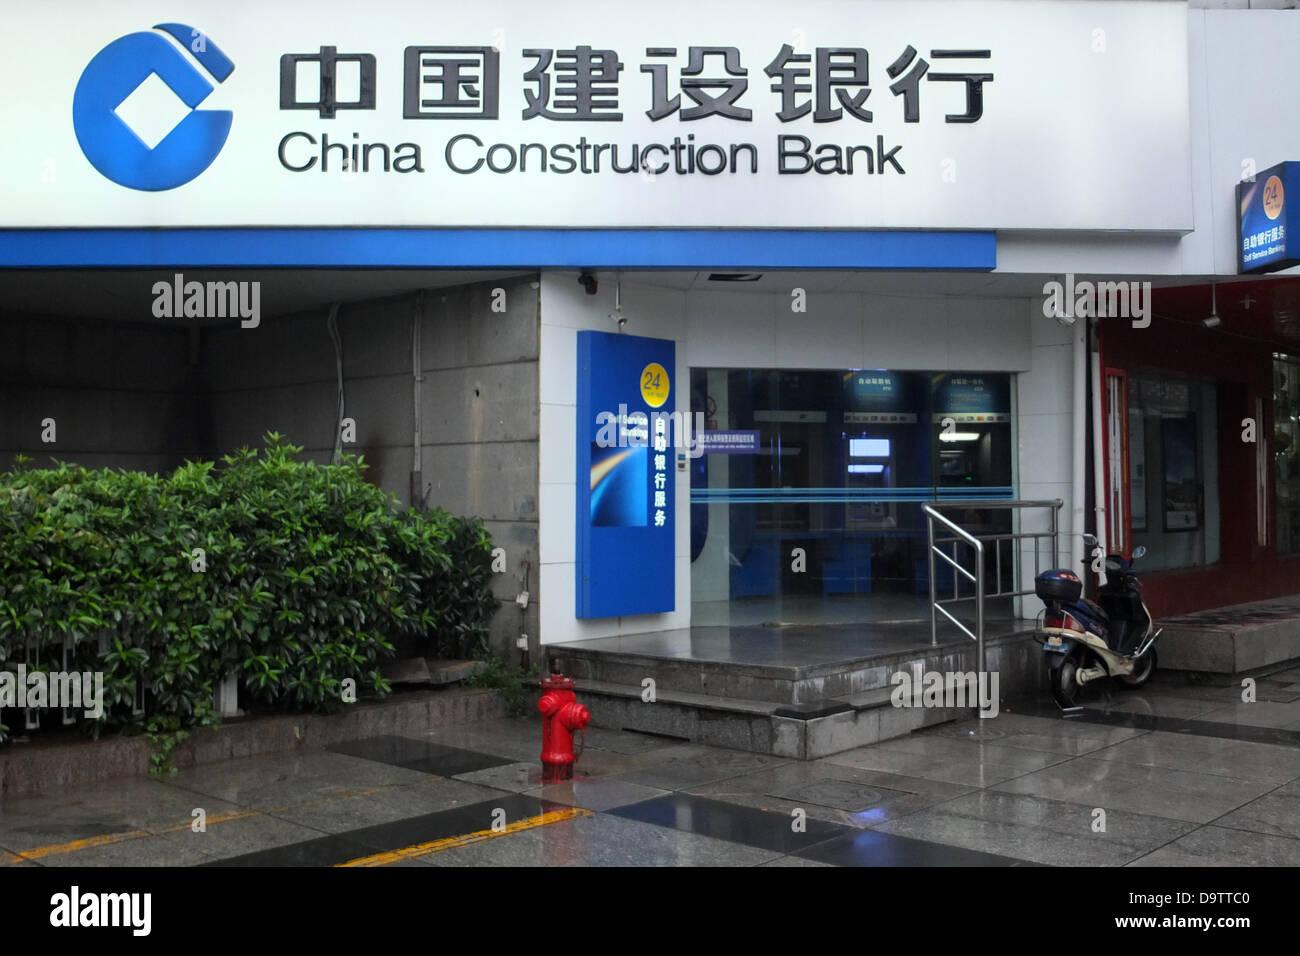 China: China Construction Bank branch in Nanjing - Stock Image